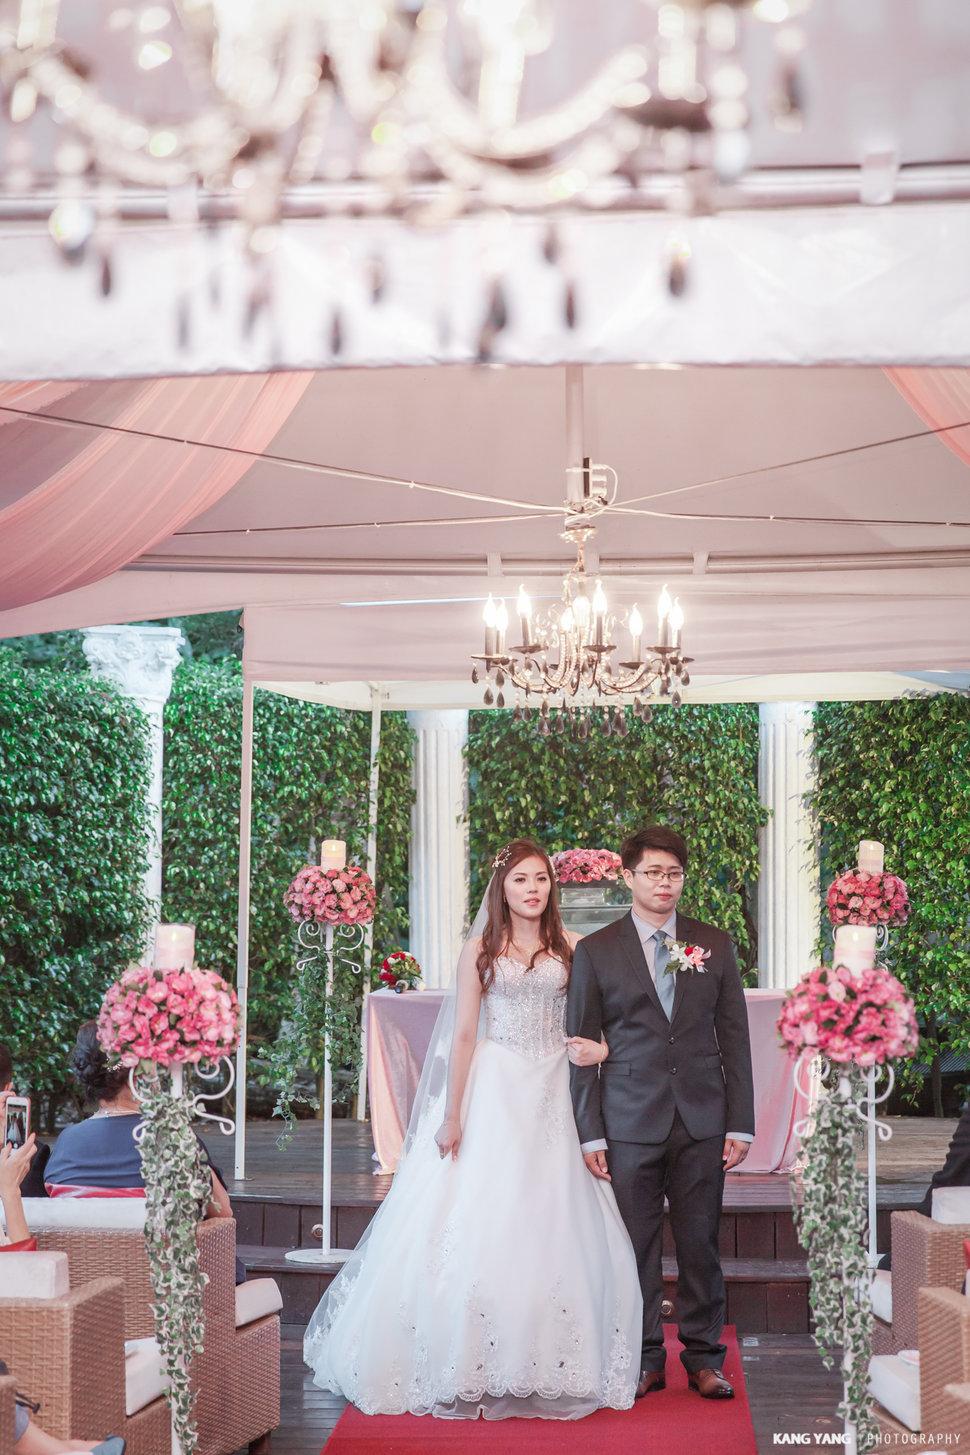 J&L早儀晚宴@台北青青婚宴會館/夏綠蒂廳(編號:228821) - 百二婚禮工作室 - 婚攝楊康 - 結婚吧